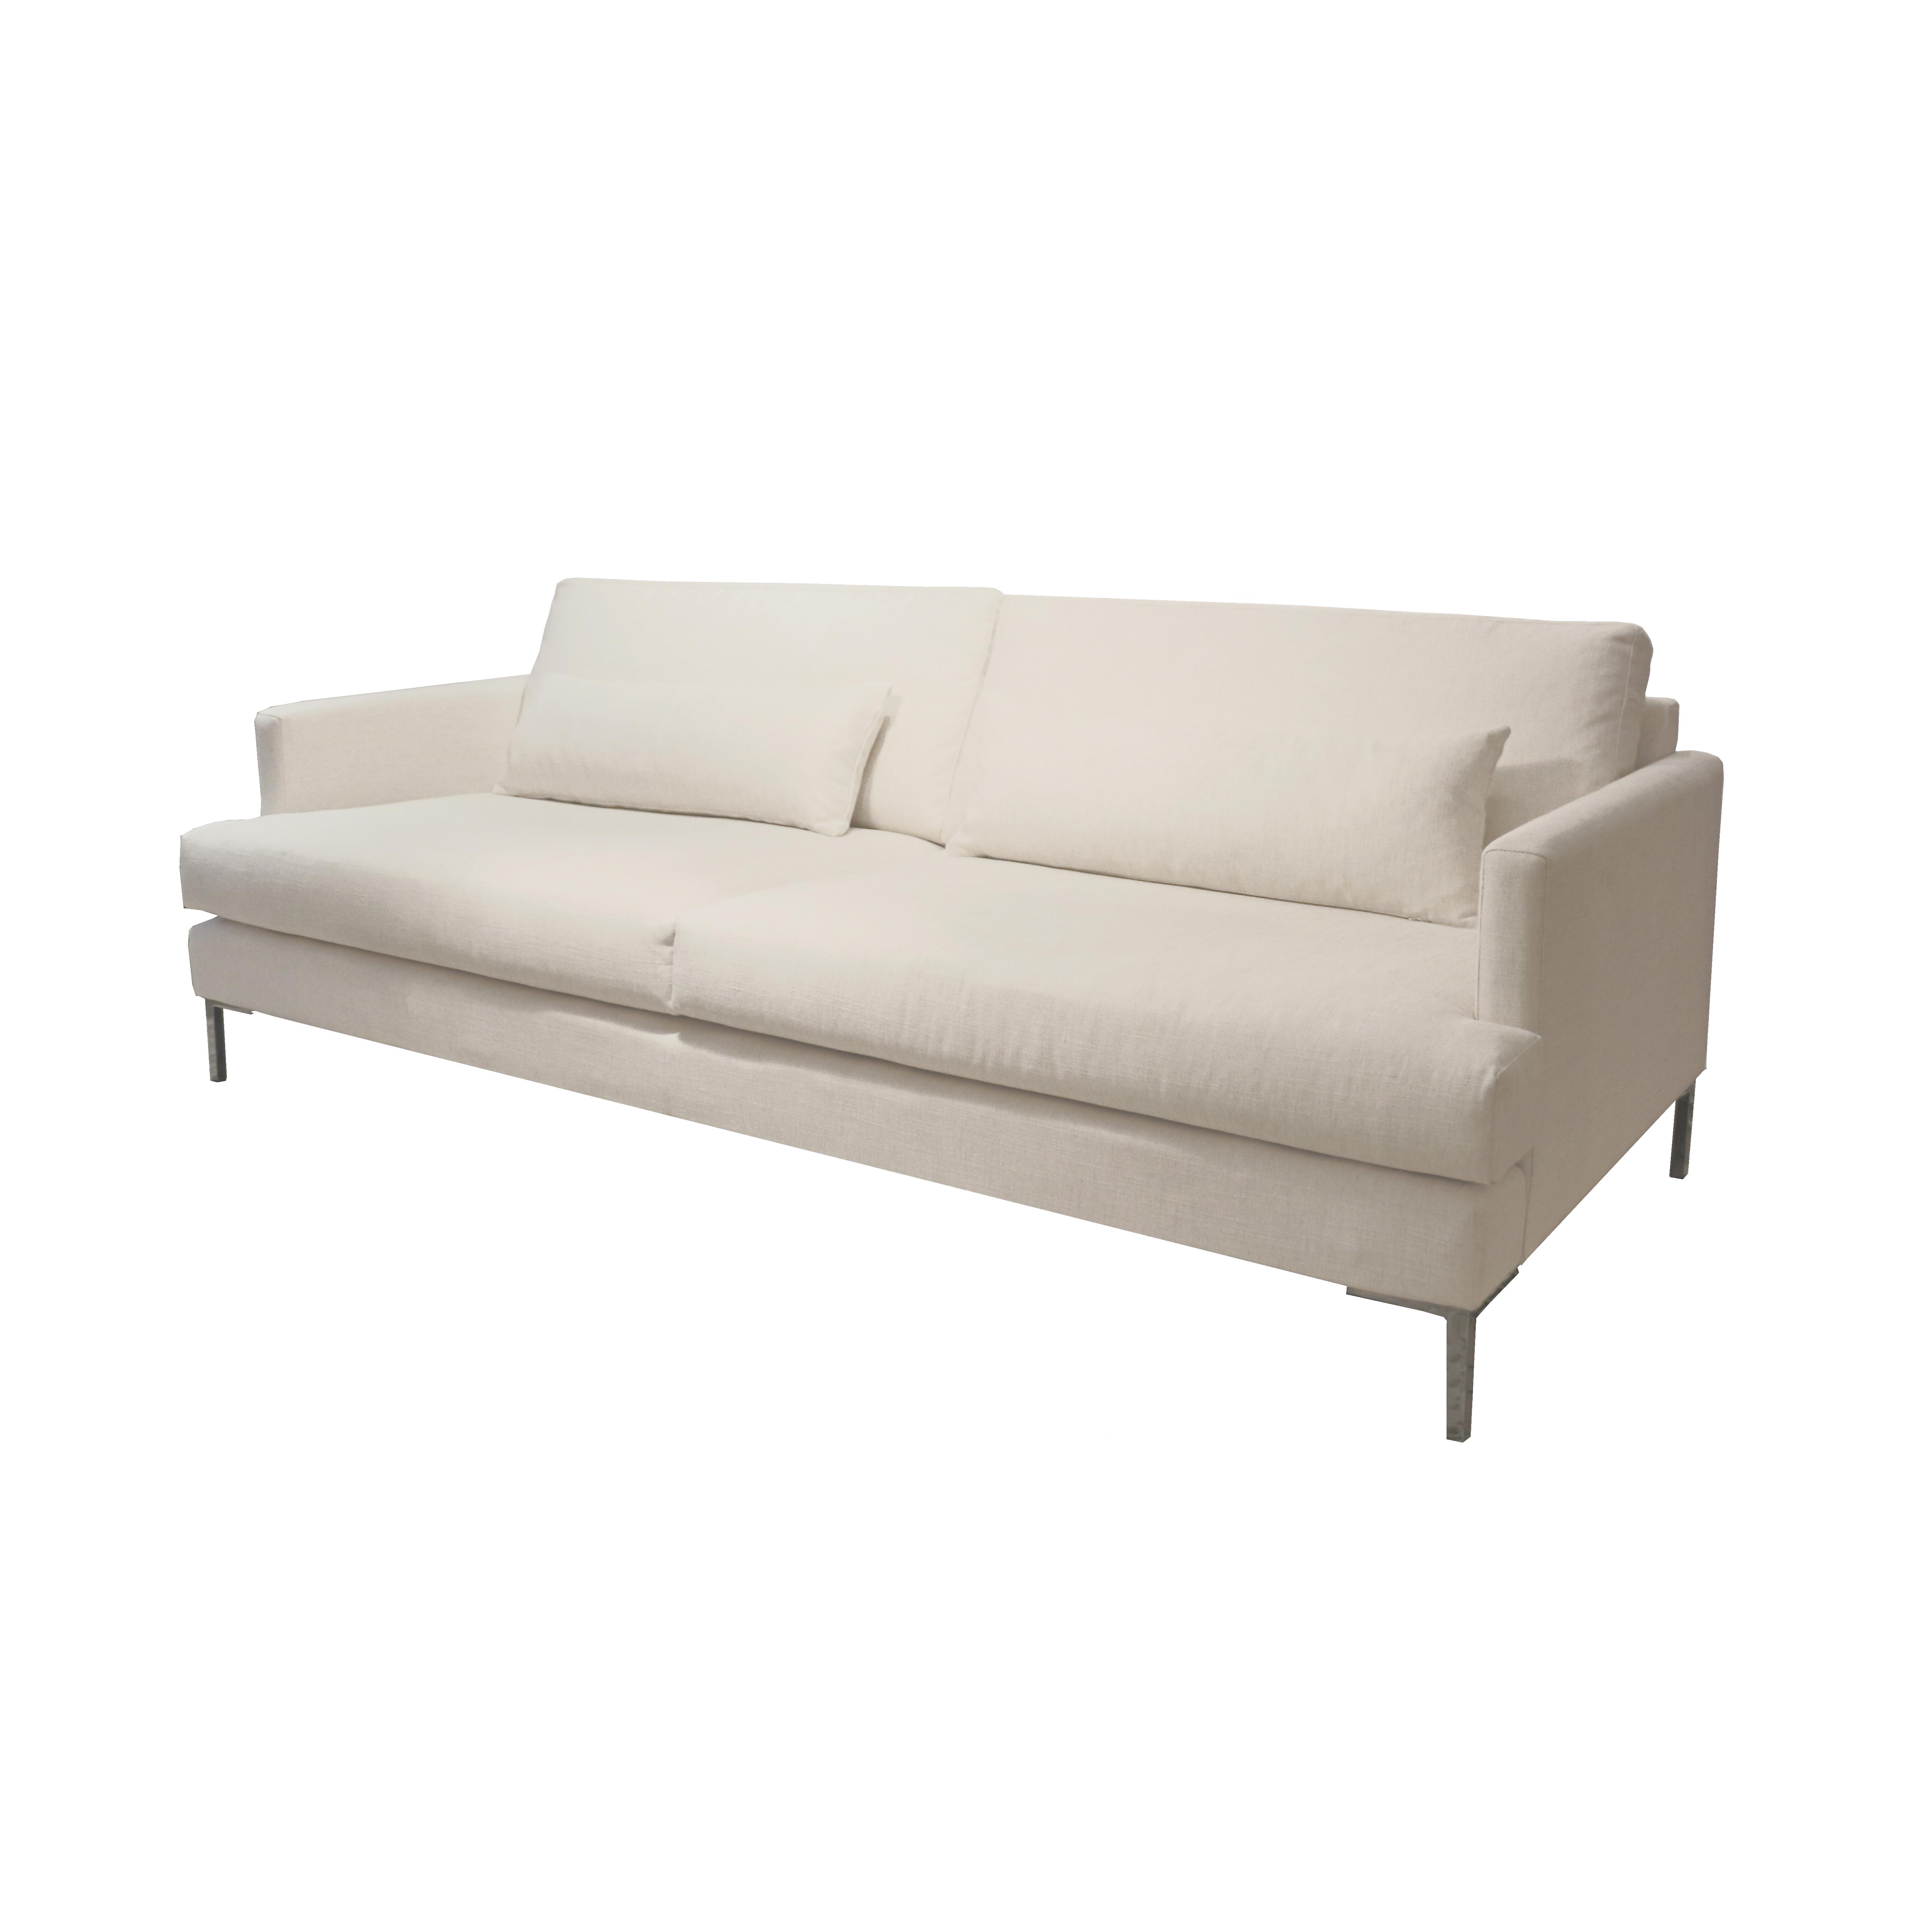 Mind soffa 3,5-sits snett framifrån - englesson.se